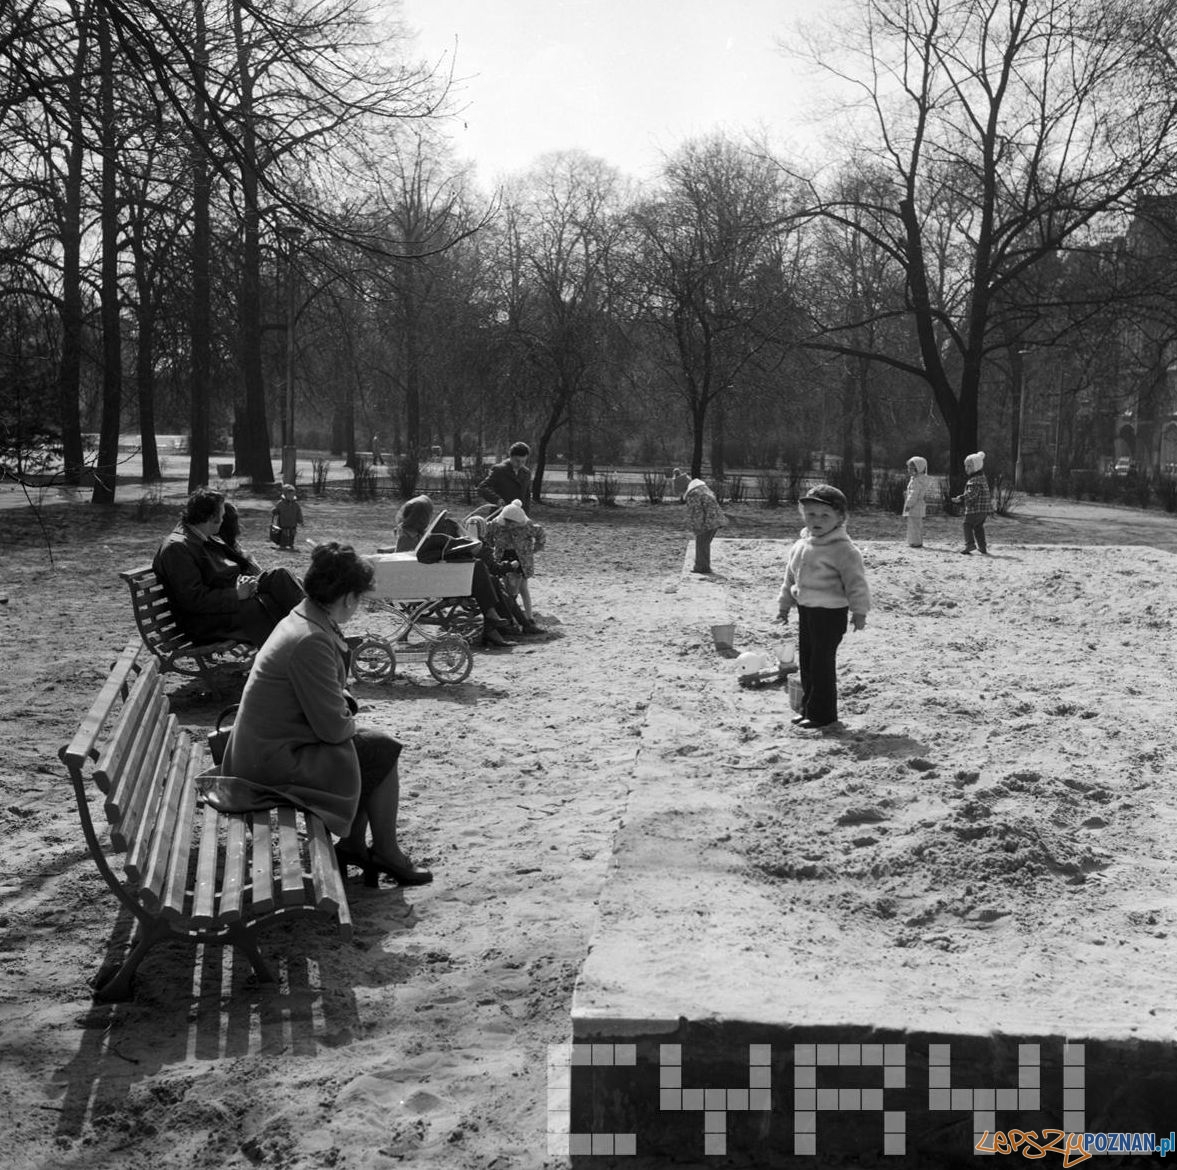 Wypoczynek w Parku Kasprzaka [Wilsona] 20-21.04.1975  Foto: Stanisław Wiktor / Cyryl